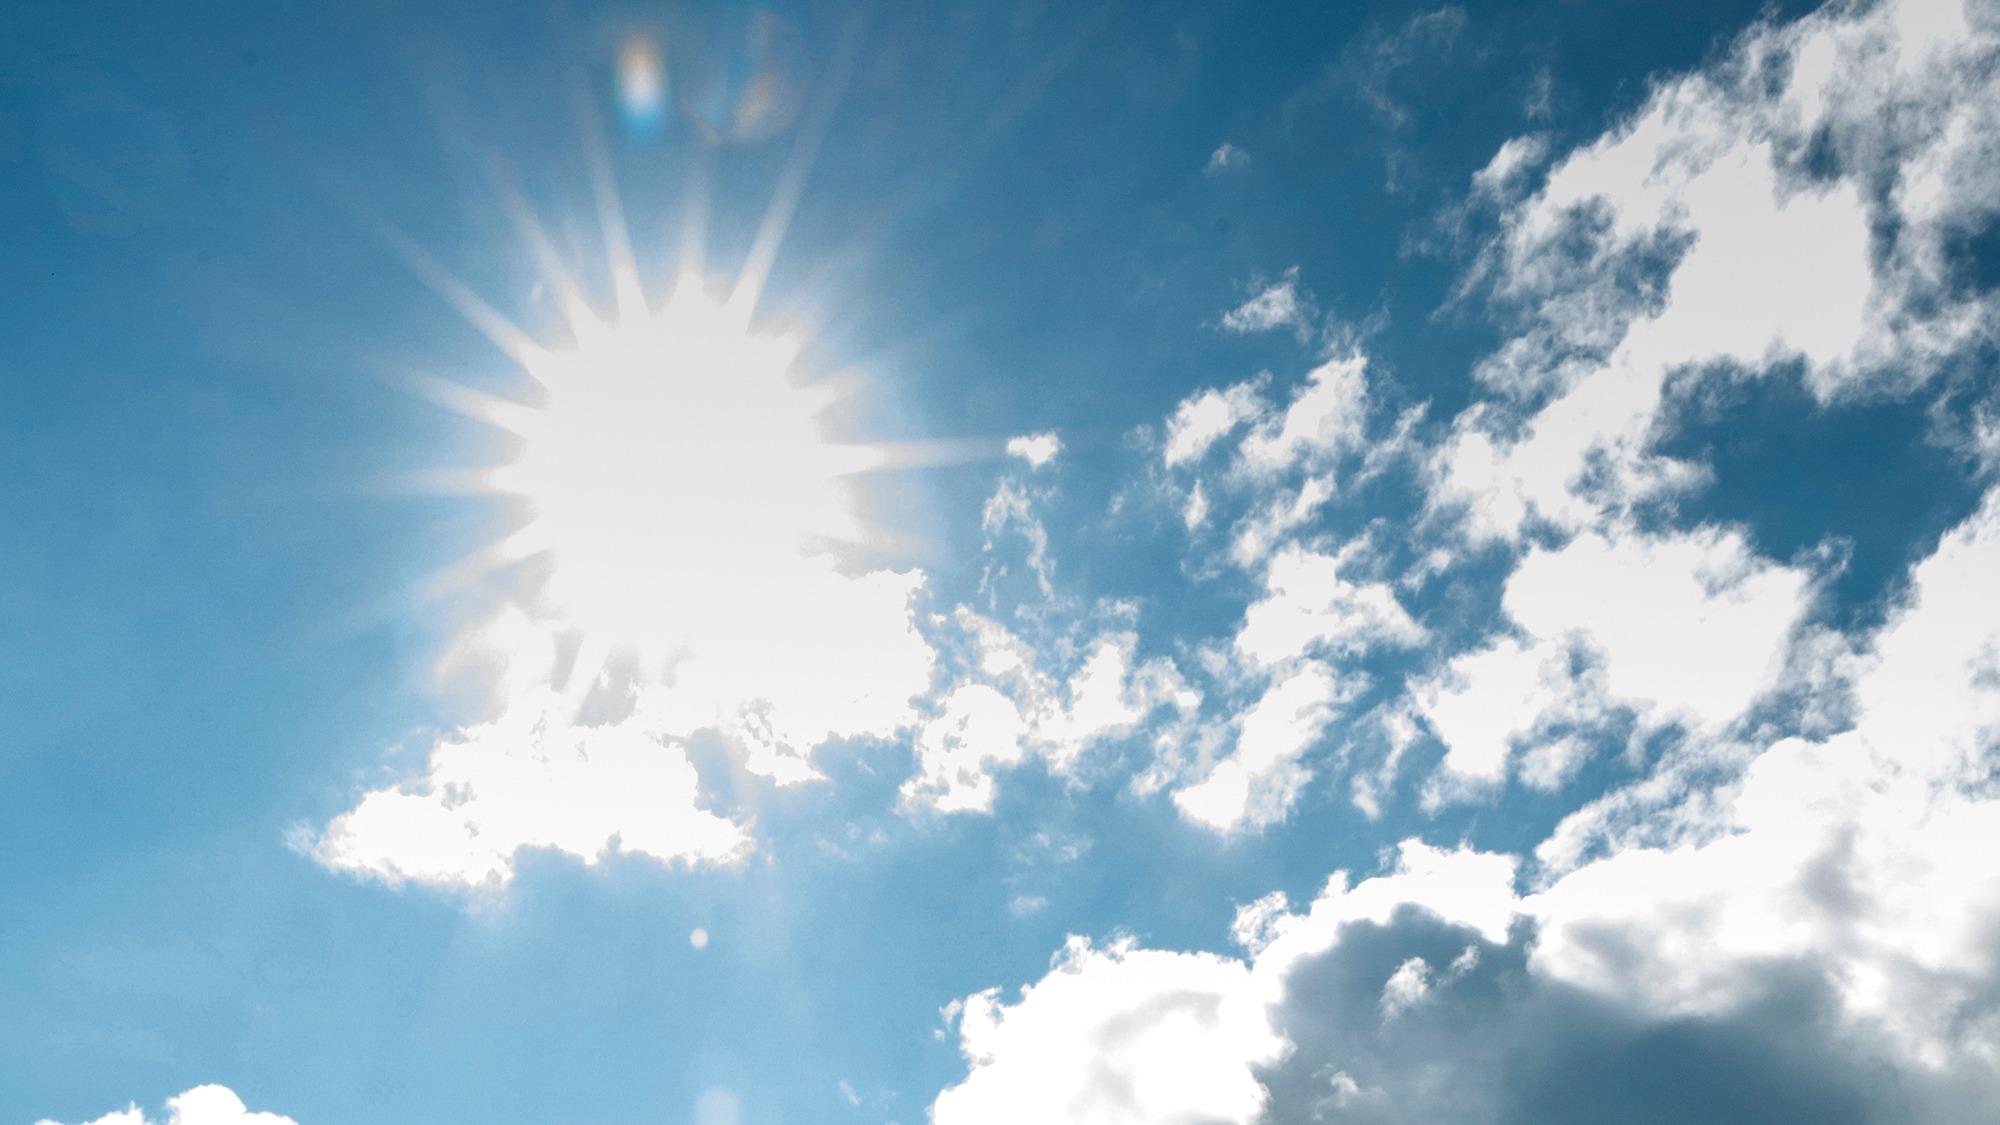 Sol lyser på blå himmel med några moln.